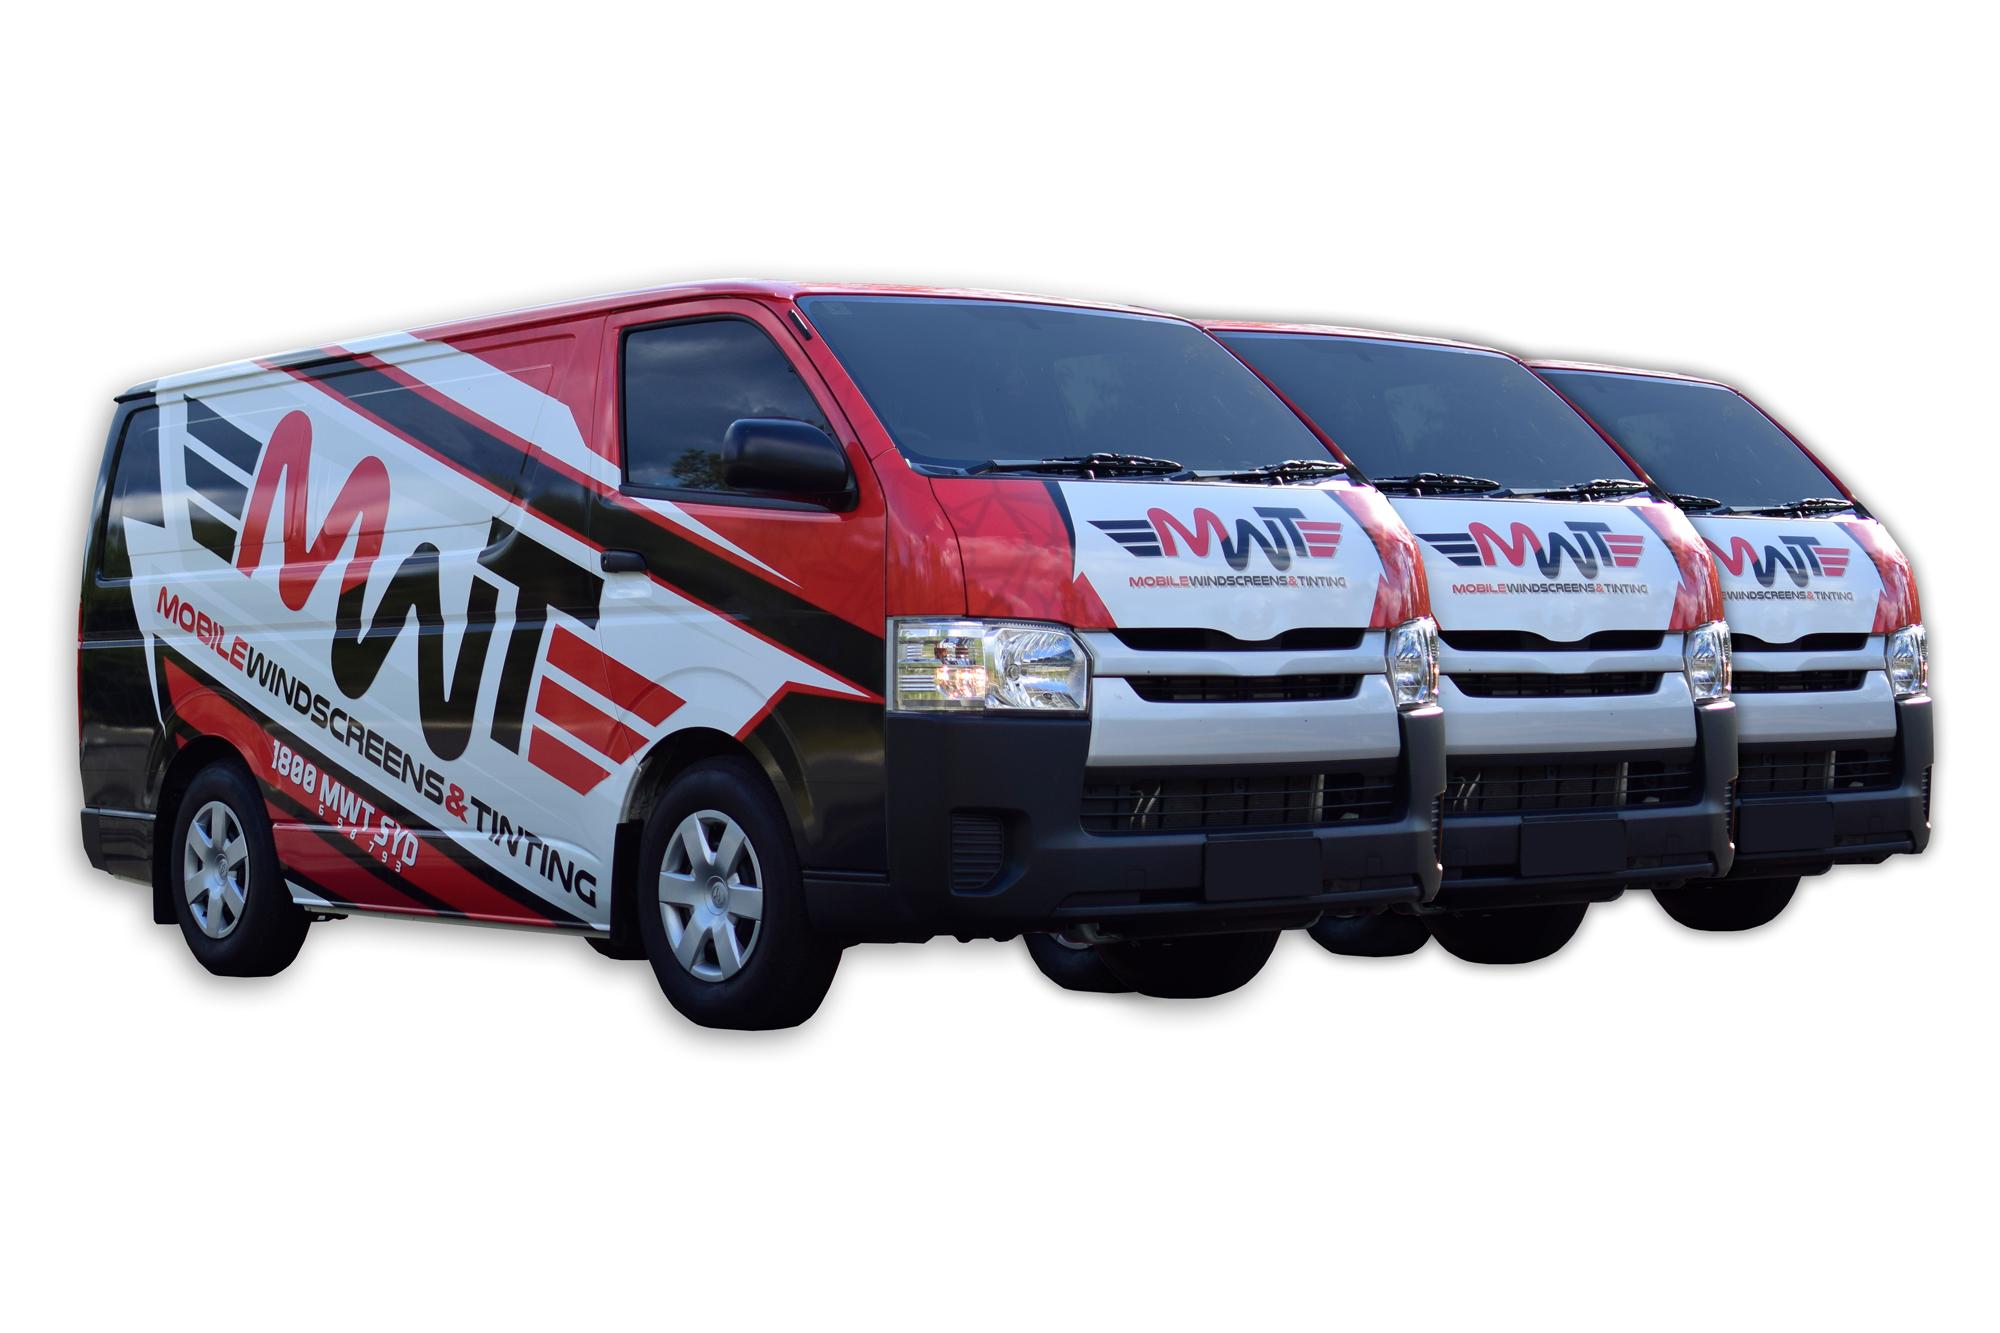 MWT Mobile Service Vans